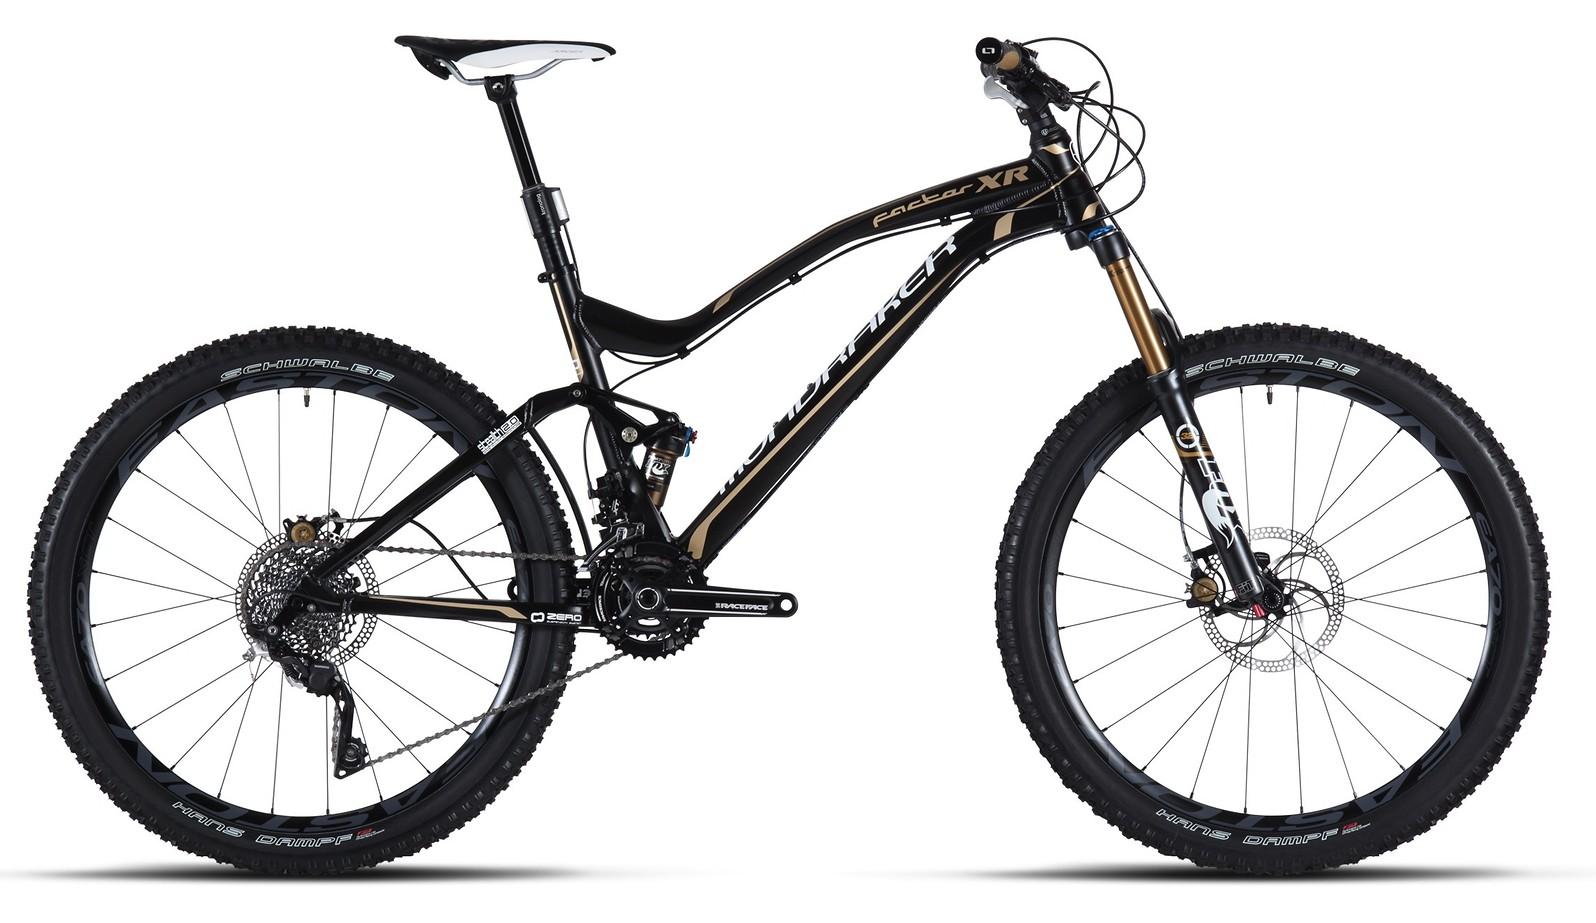 2013 Mondraker Factor XR Bike bike - mondraker factor xr